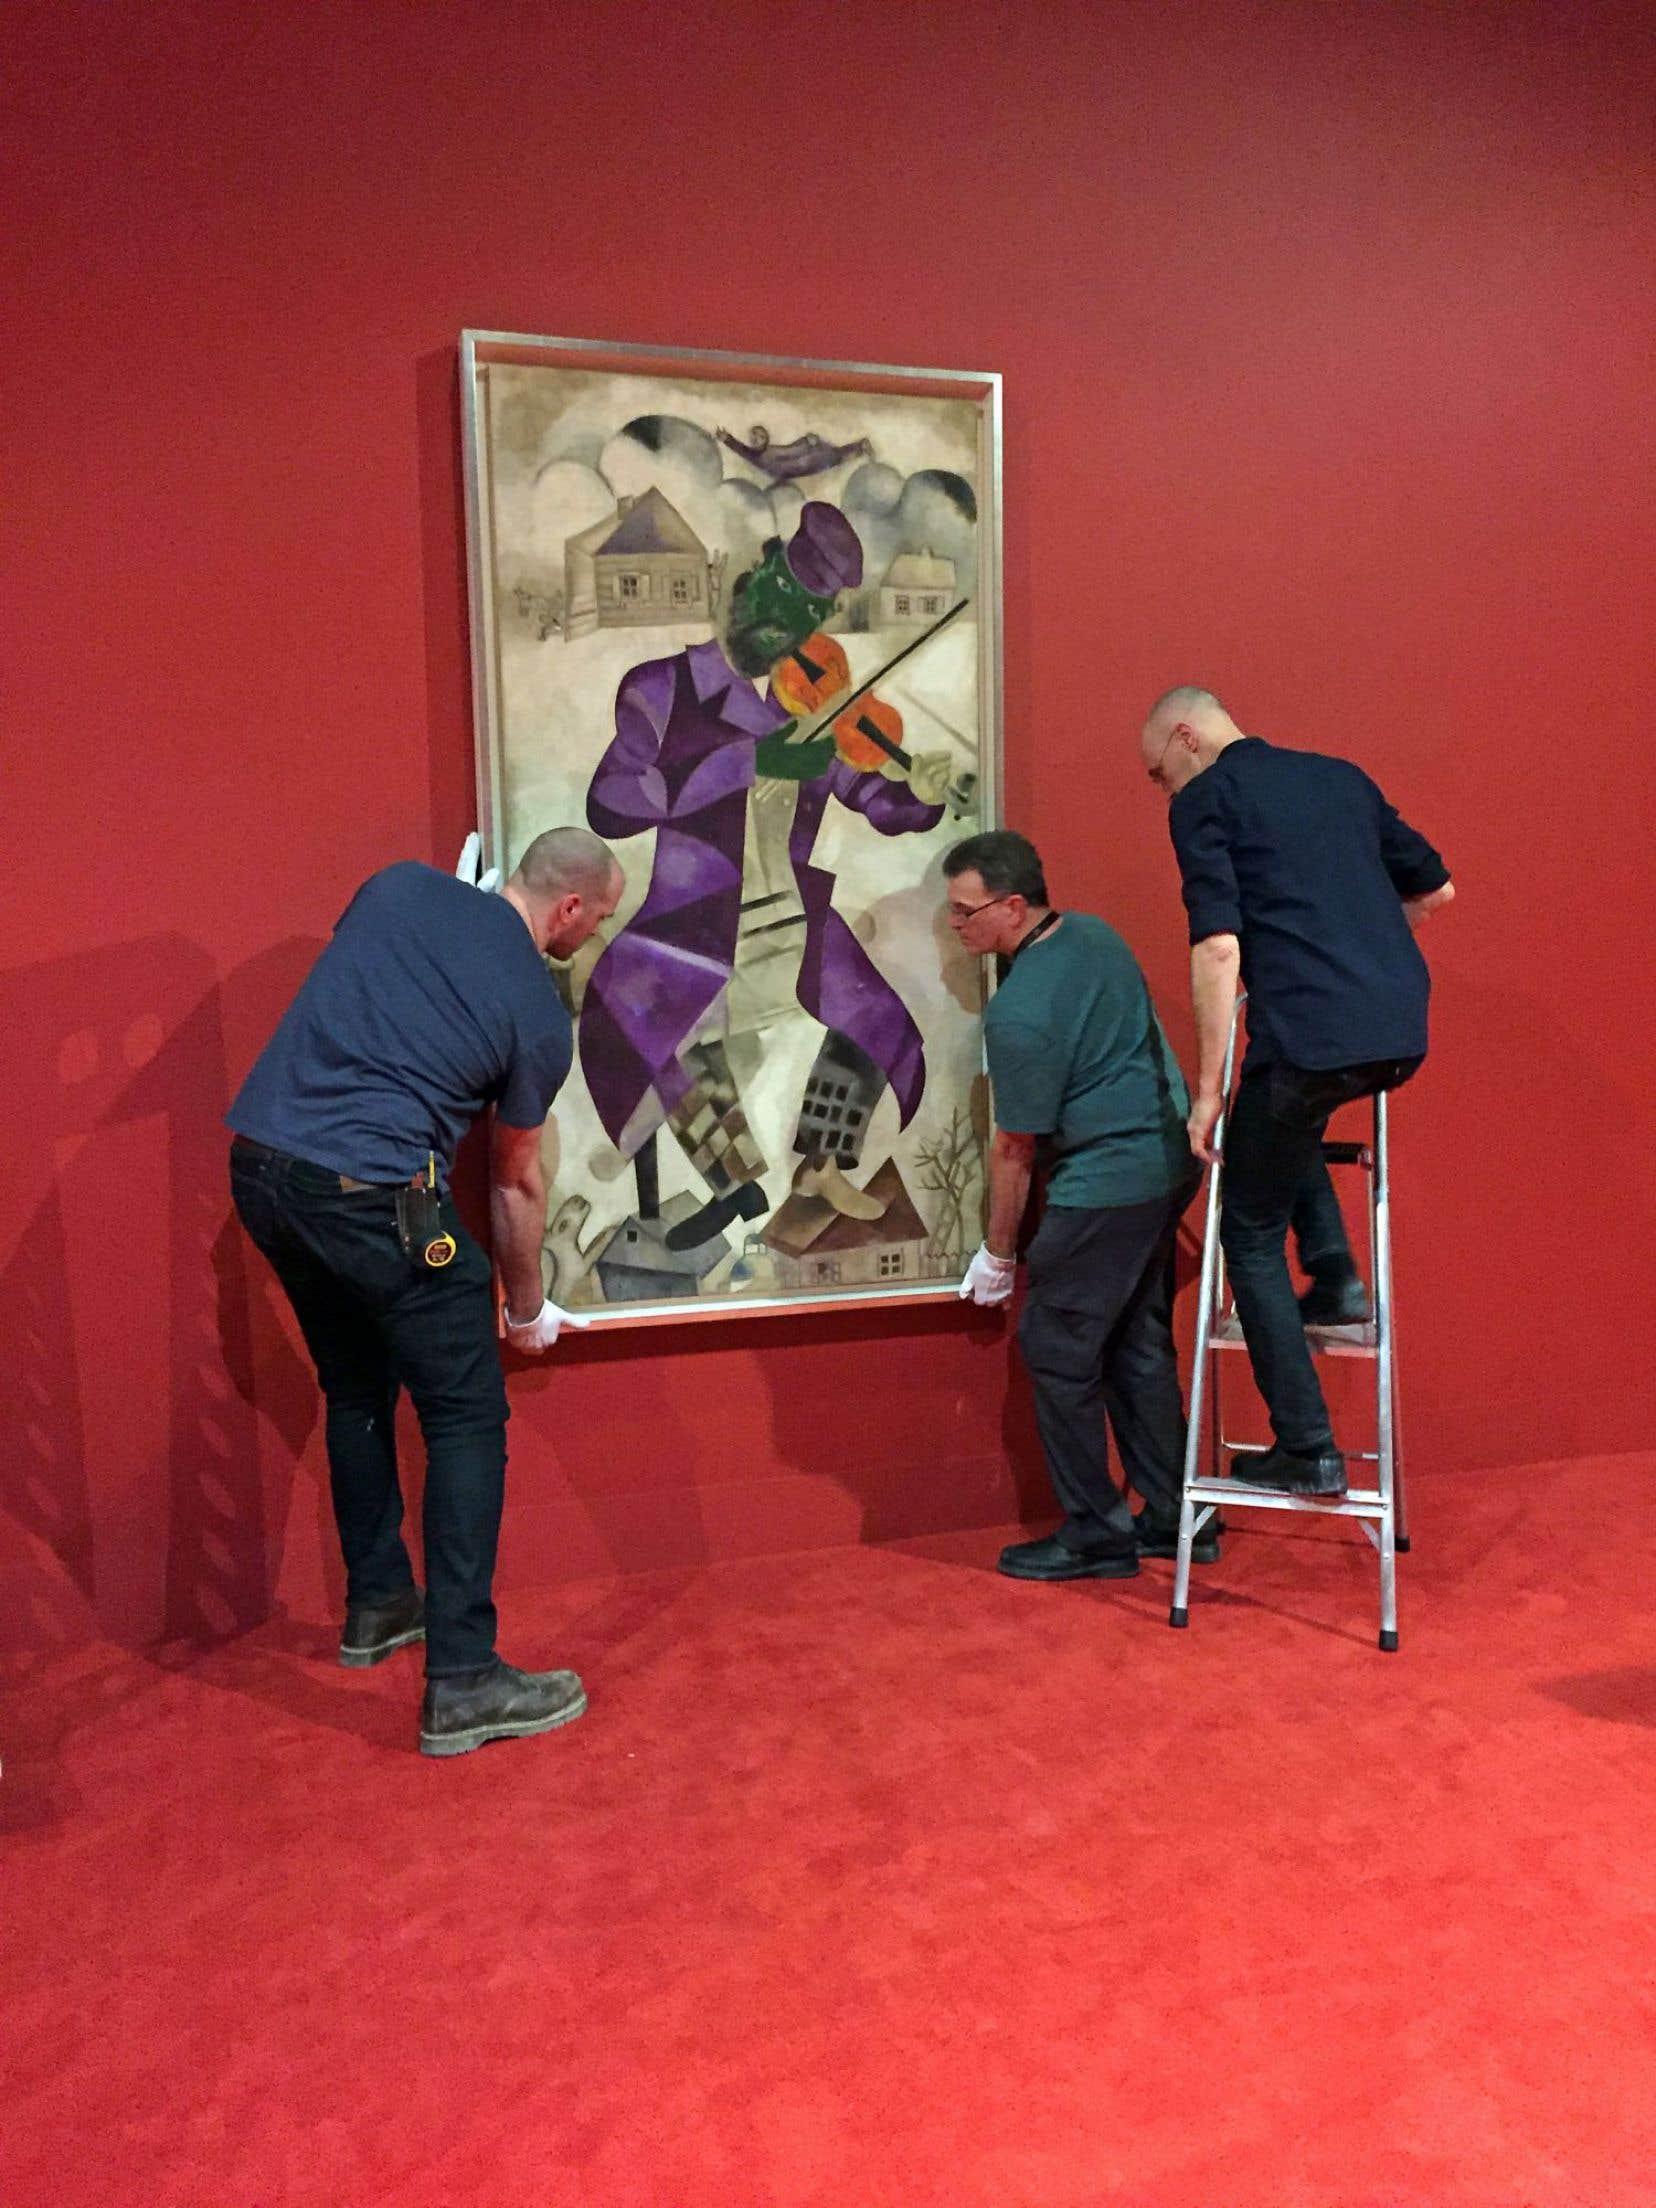 C'est avec un violon, fidèle compagnon, que la peinture de Marc Chagall a posé ses premières couleurs au MBAM.